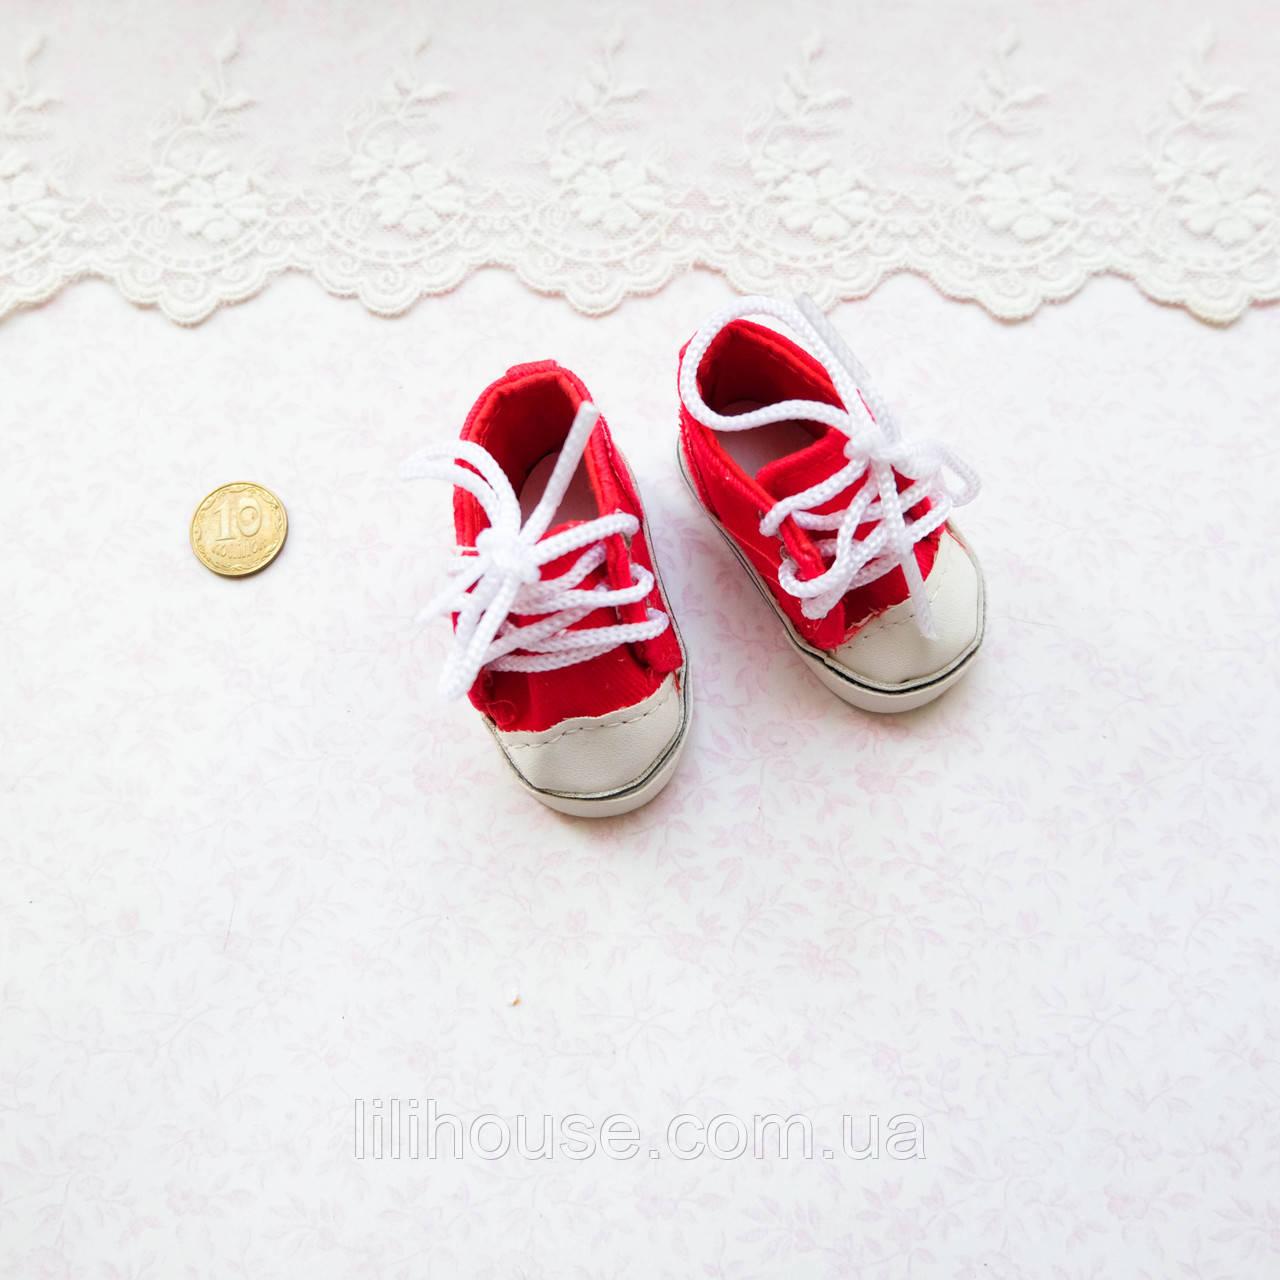 Обувь для кукол Кеды на Шнуровке 6*2.5 см КРАСНЫЕ